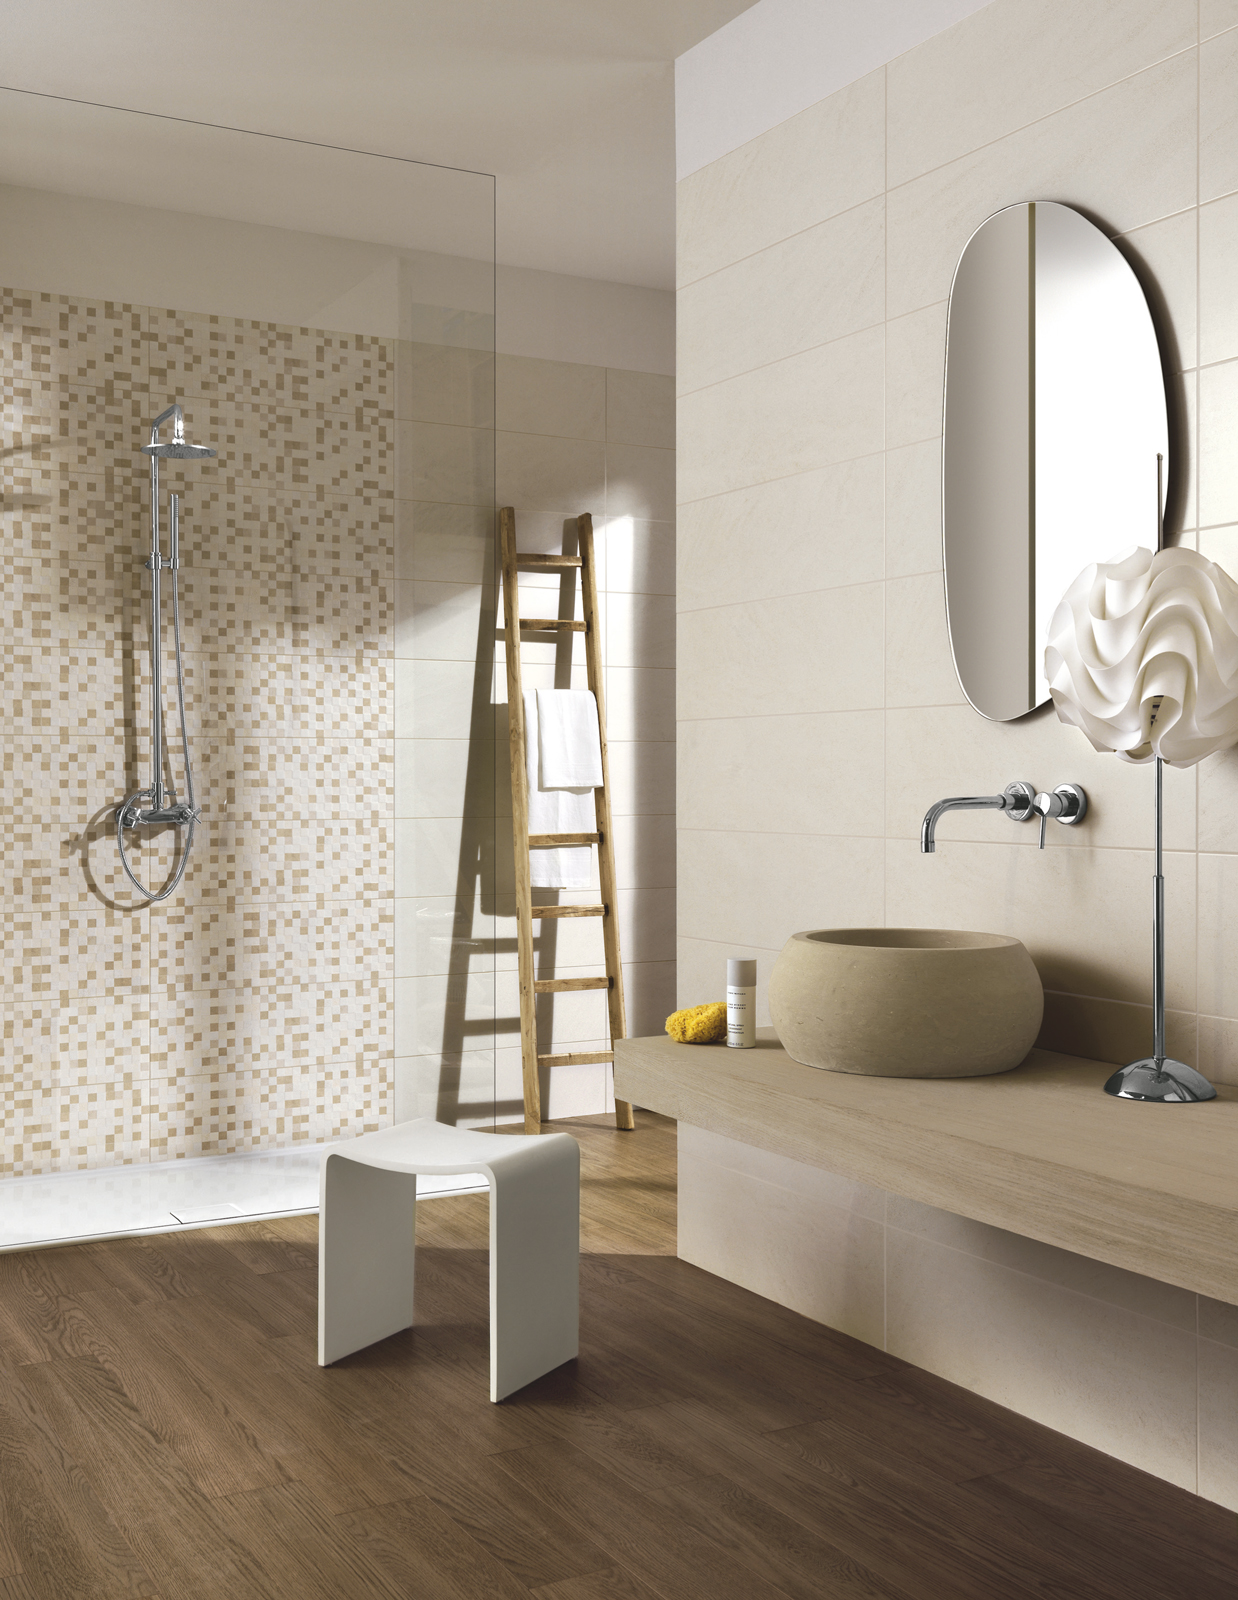 Collezione Natural: Rivestimenti per il tuo bagno  Ragno